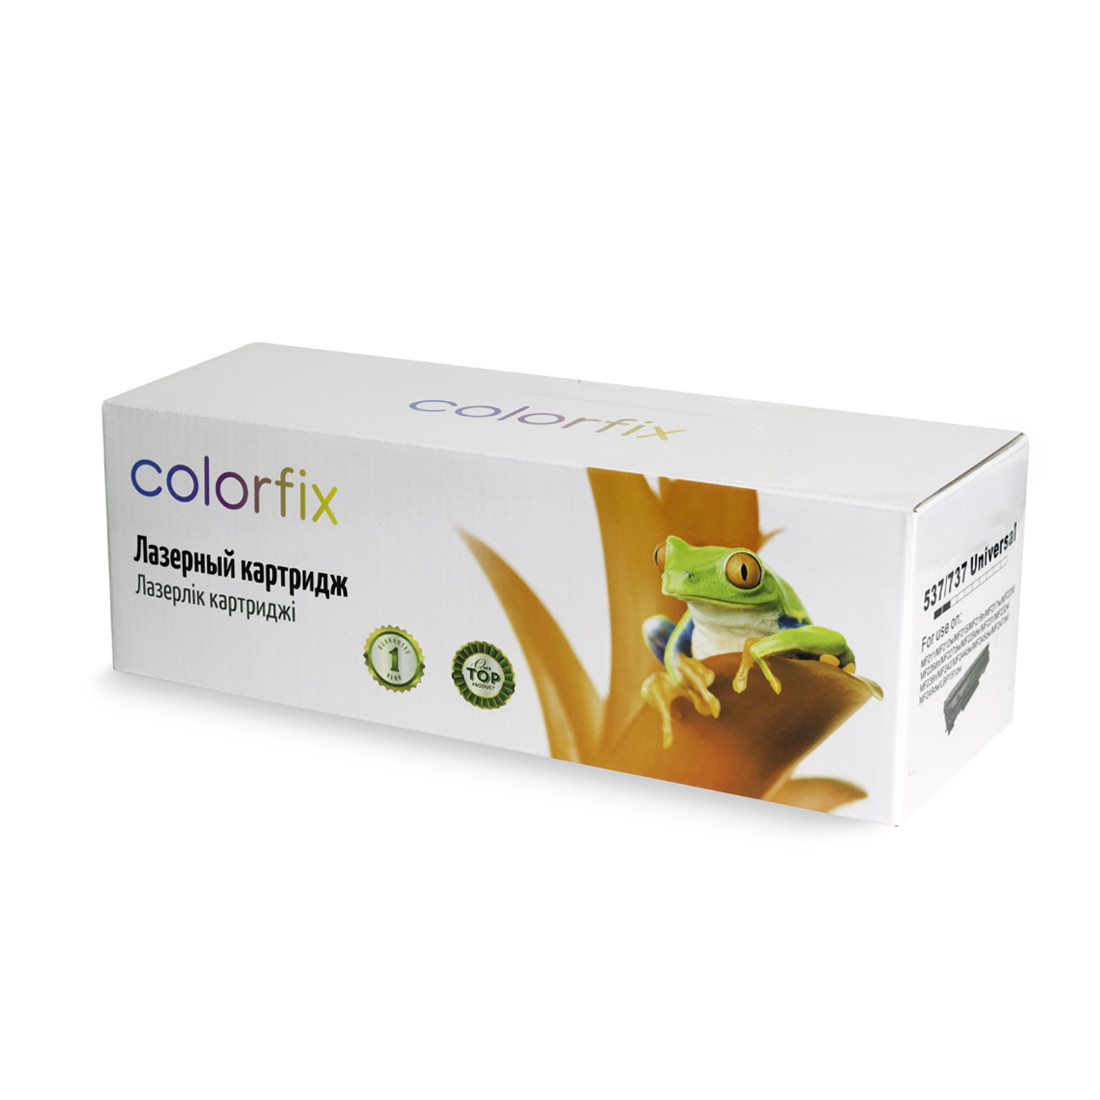 Картридж, Colorfix, CRG-137/337/737, Для принтеров Canon i-SENSYS MF211/212/216/217/226/229, 2400 страниц.